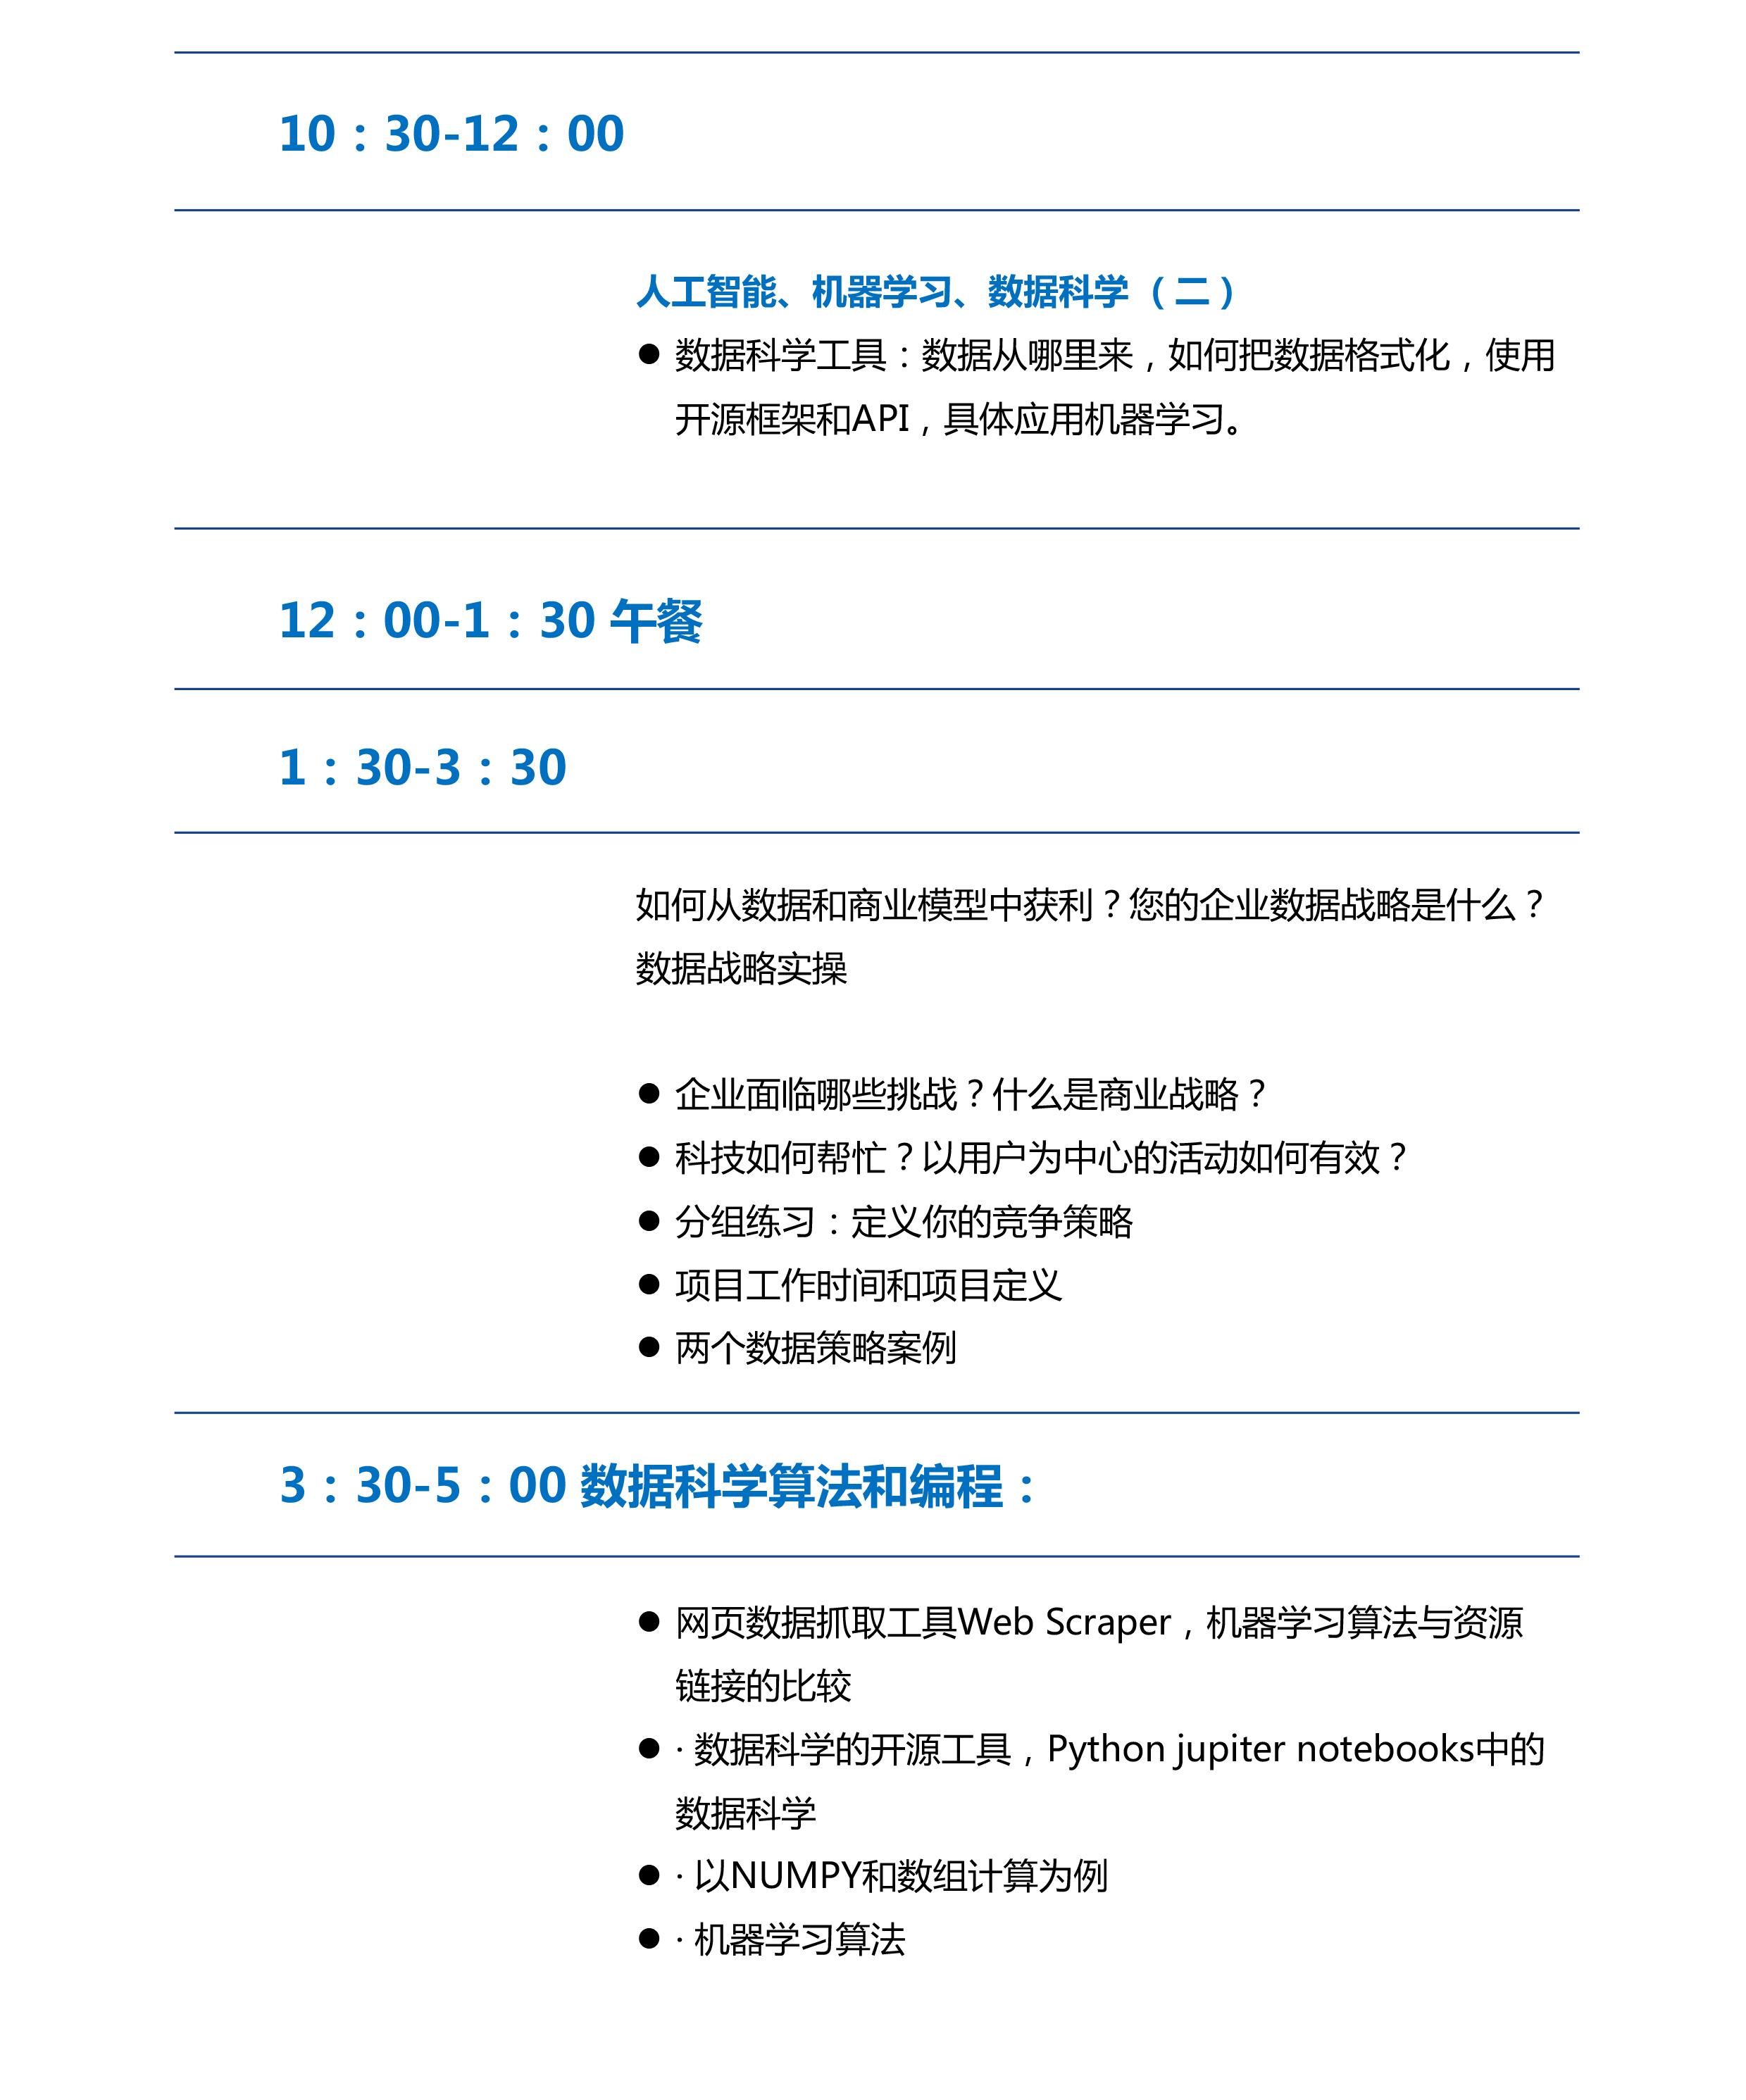 2019硅谷高创学院人工智能课程(深圳 周末班)